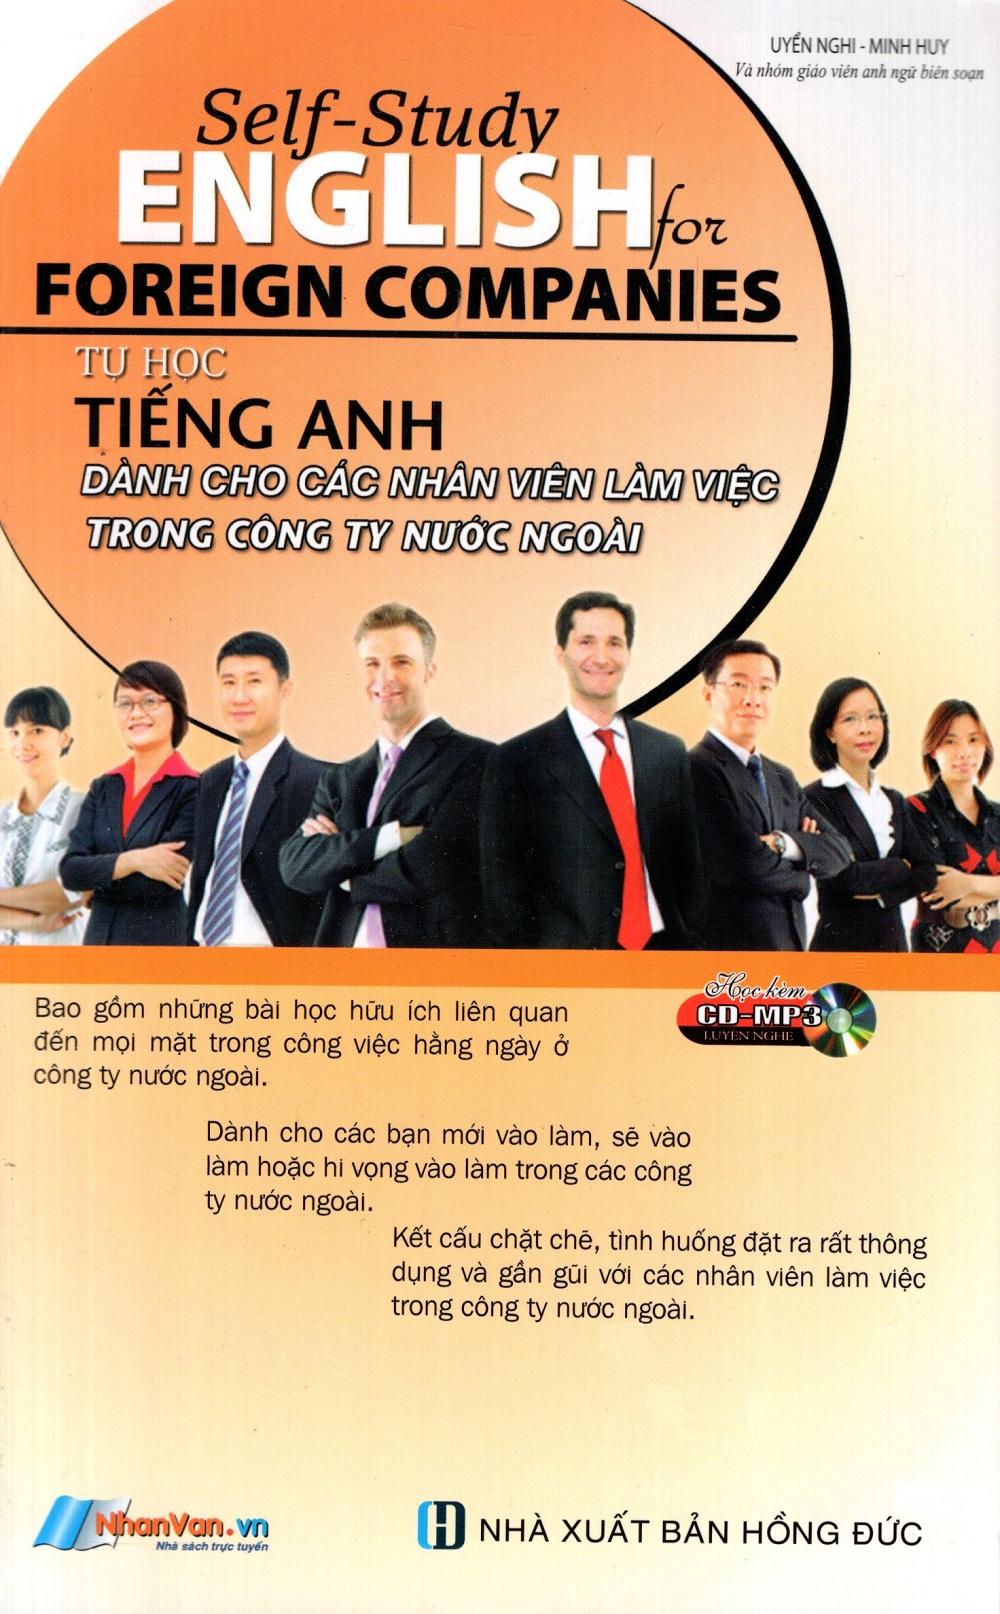 Tự Học Tiếng Anh Dành Cho Các Nhân Viên Làm Việc Trong Công Ty Nước Ngoài (Kèm CD) - 8935072898960,62_224630,56000,tiki.vn,Tu-Hoc-Tieng-Anh-Danh-Cho-Cac-Nhan-Vien-Lam-Viec-Trong-Cong-Ty-Nuoc-Ngoai-Kem-CD-62_224630,Tự Học Tiếng Anh Dành Cho Các Nhân Viên Làm Việc Trong Công Ty Nước Ngoài (Kèm CD)